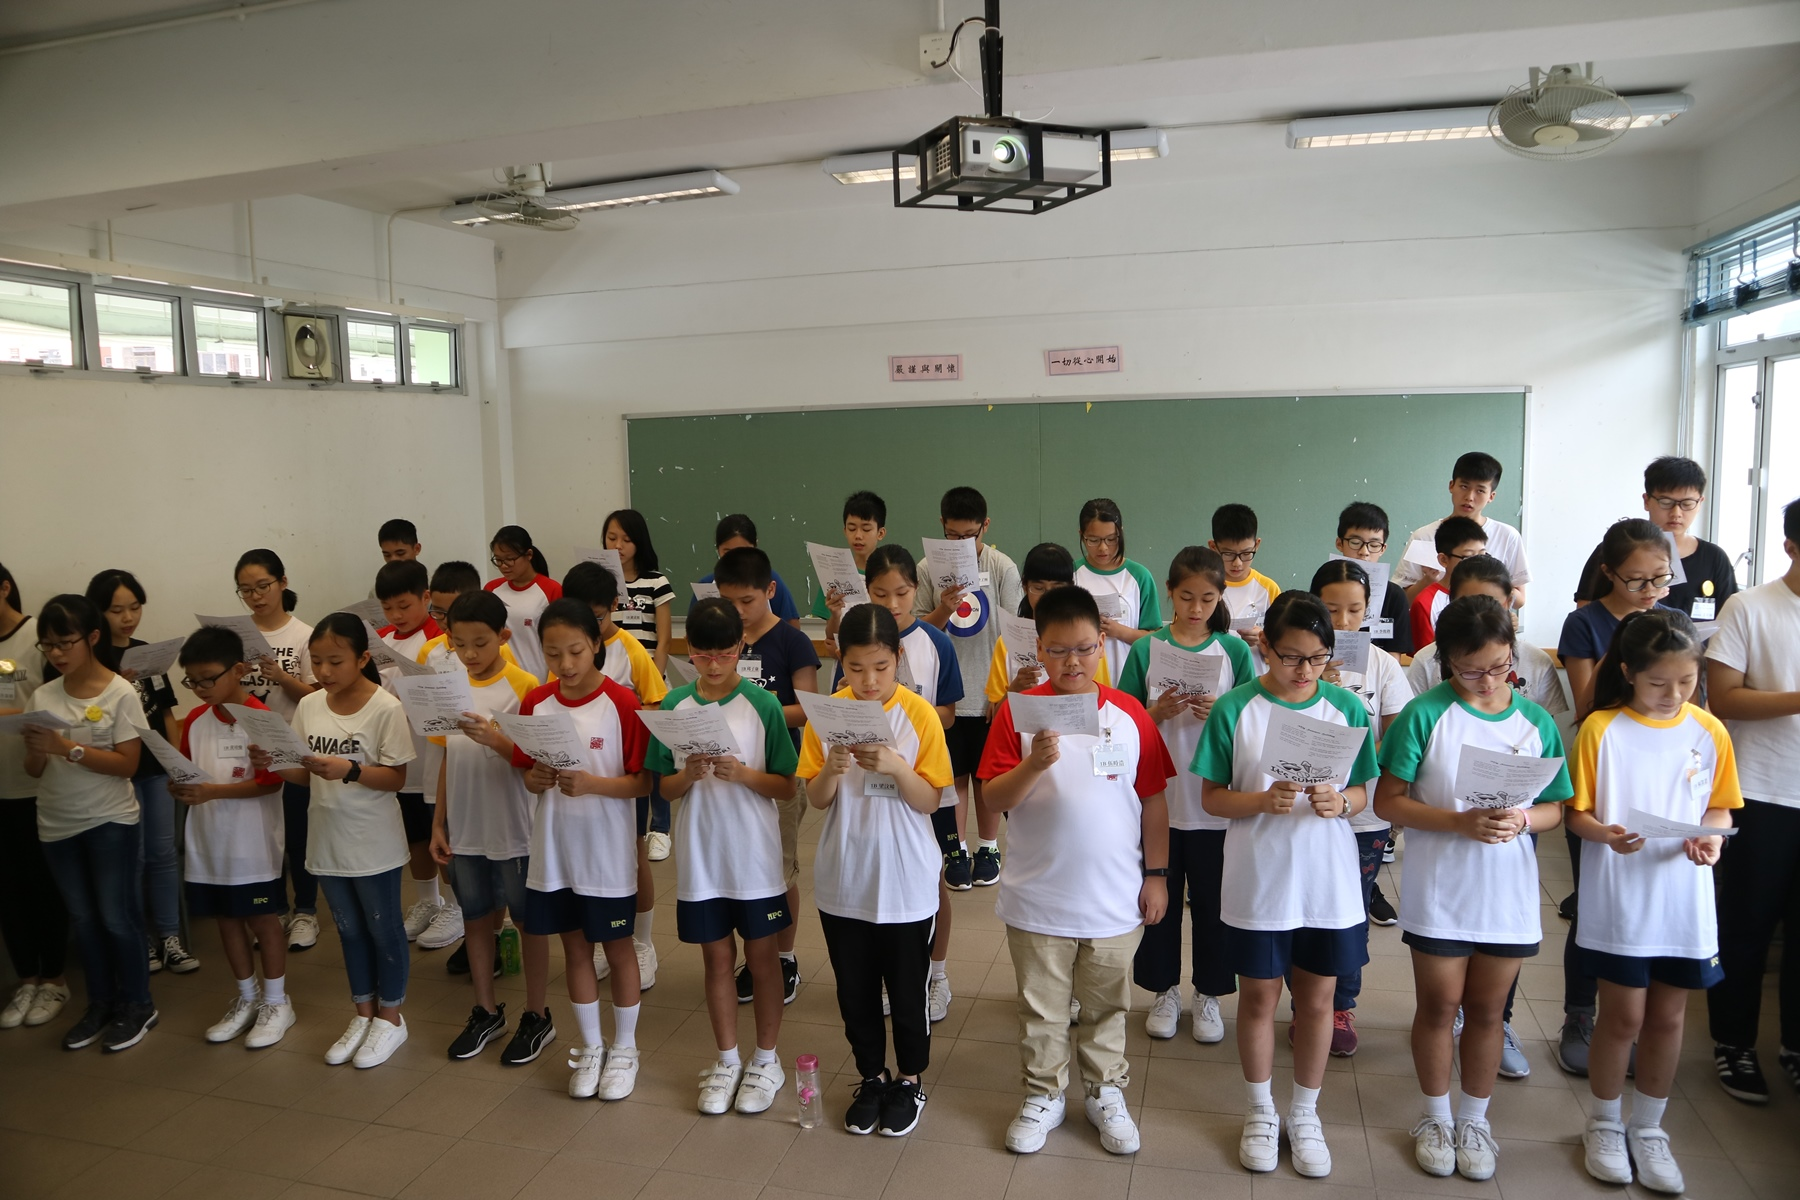 https://www.npc.edu.hk/sites/default/files/1b_zhong_ying_bing_chong_03.jpg